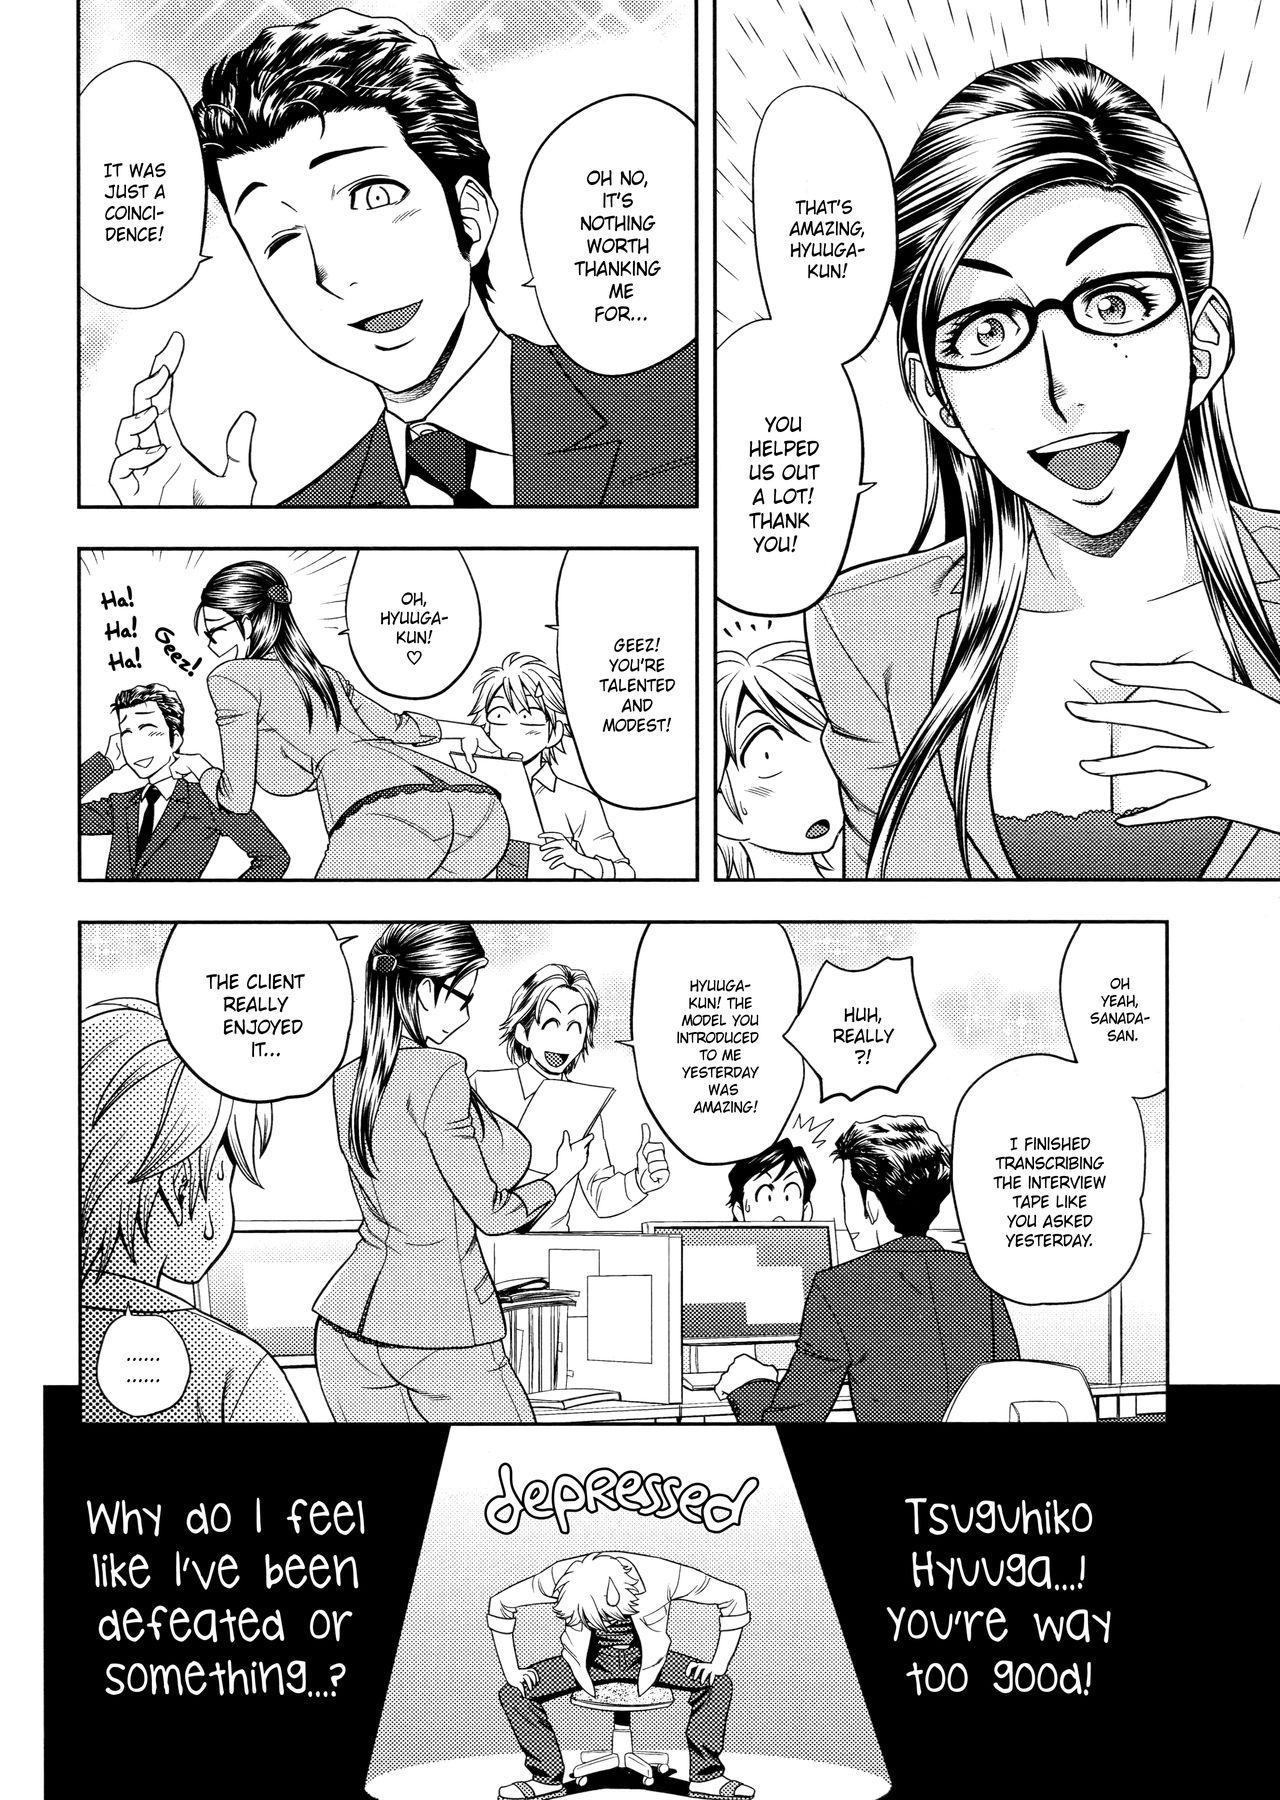 [Tatsunami Youtoku, Yamasaki Masato] Bijin Henshuu-chou no Himitsu | Beautiful Editor-in-Chief's Secret Ch. 1-8 [English] [Forbiddenfetish77, Red Vodka, Crystalium, CEDR777] [Decensored] 71